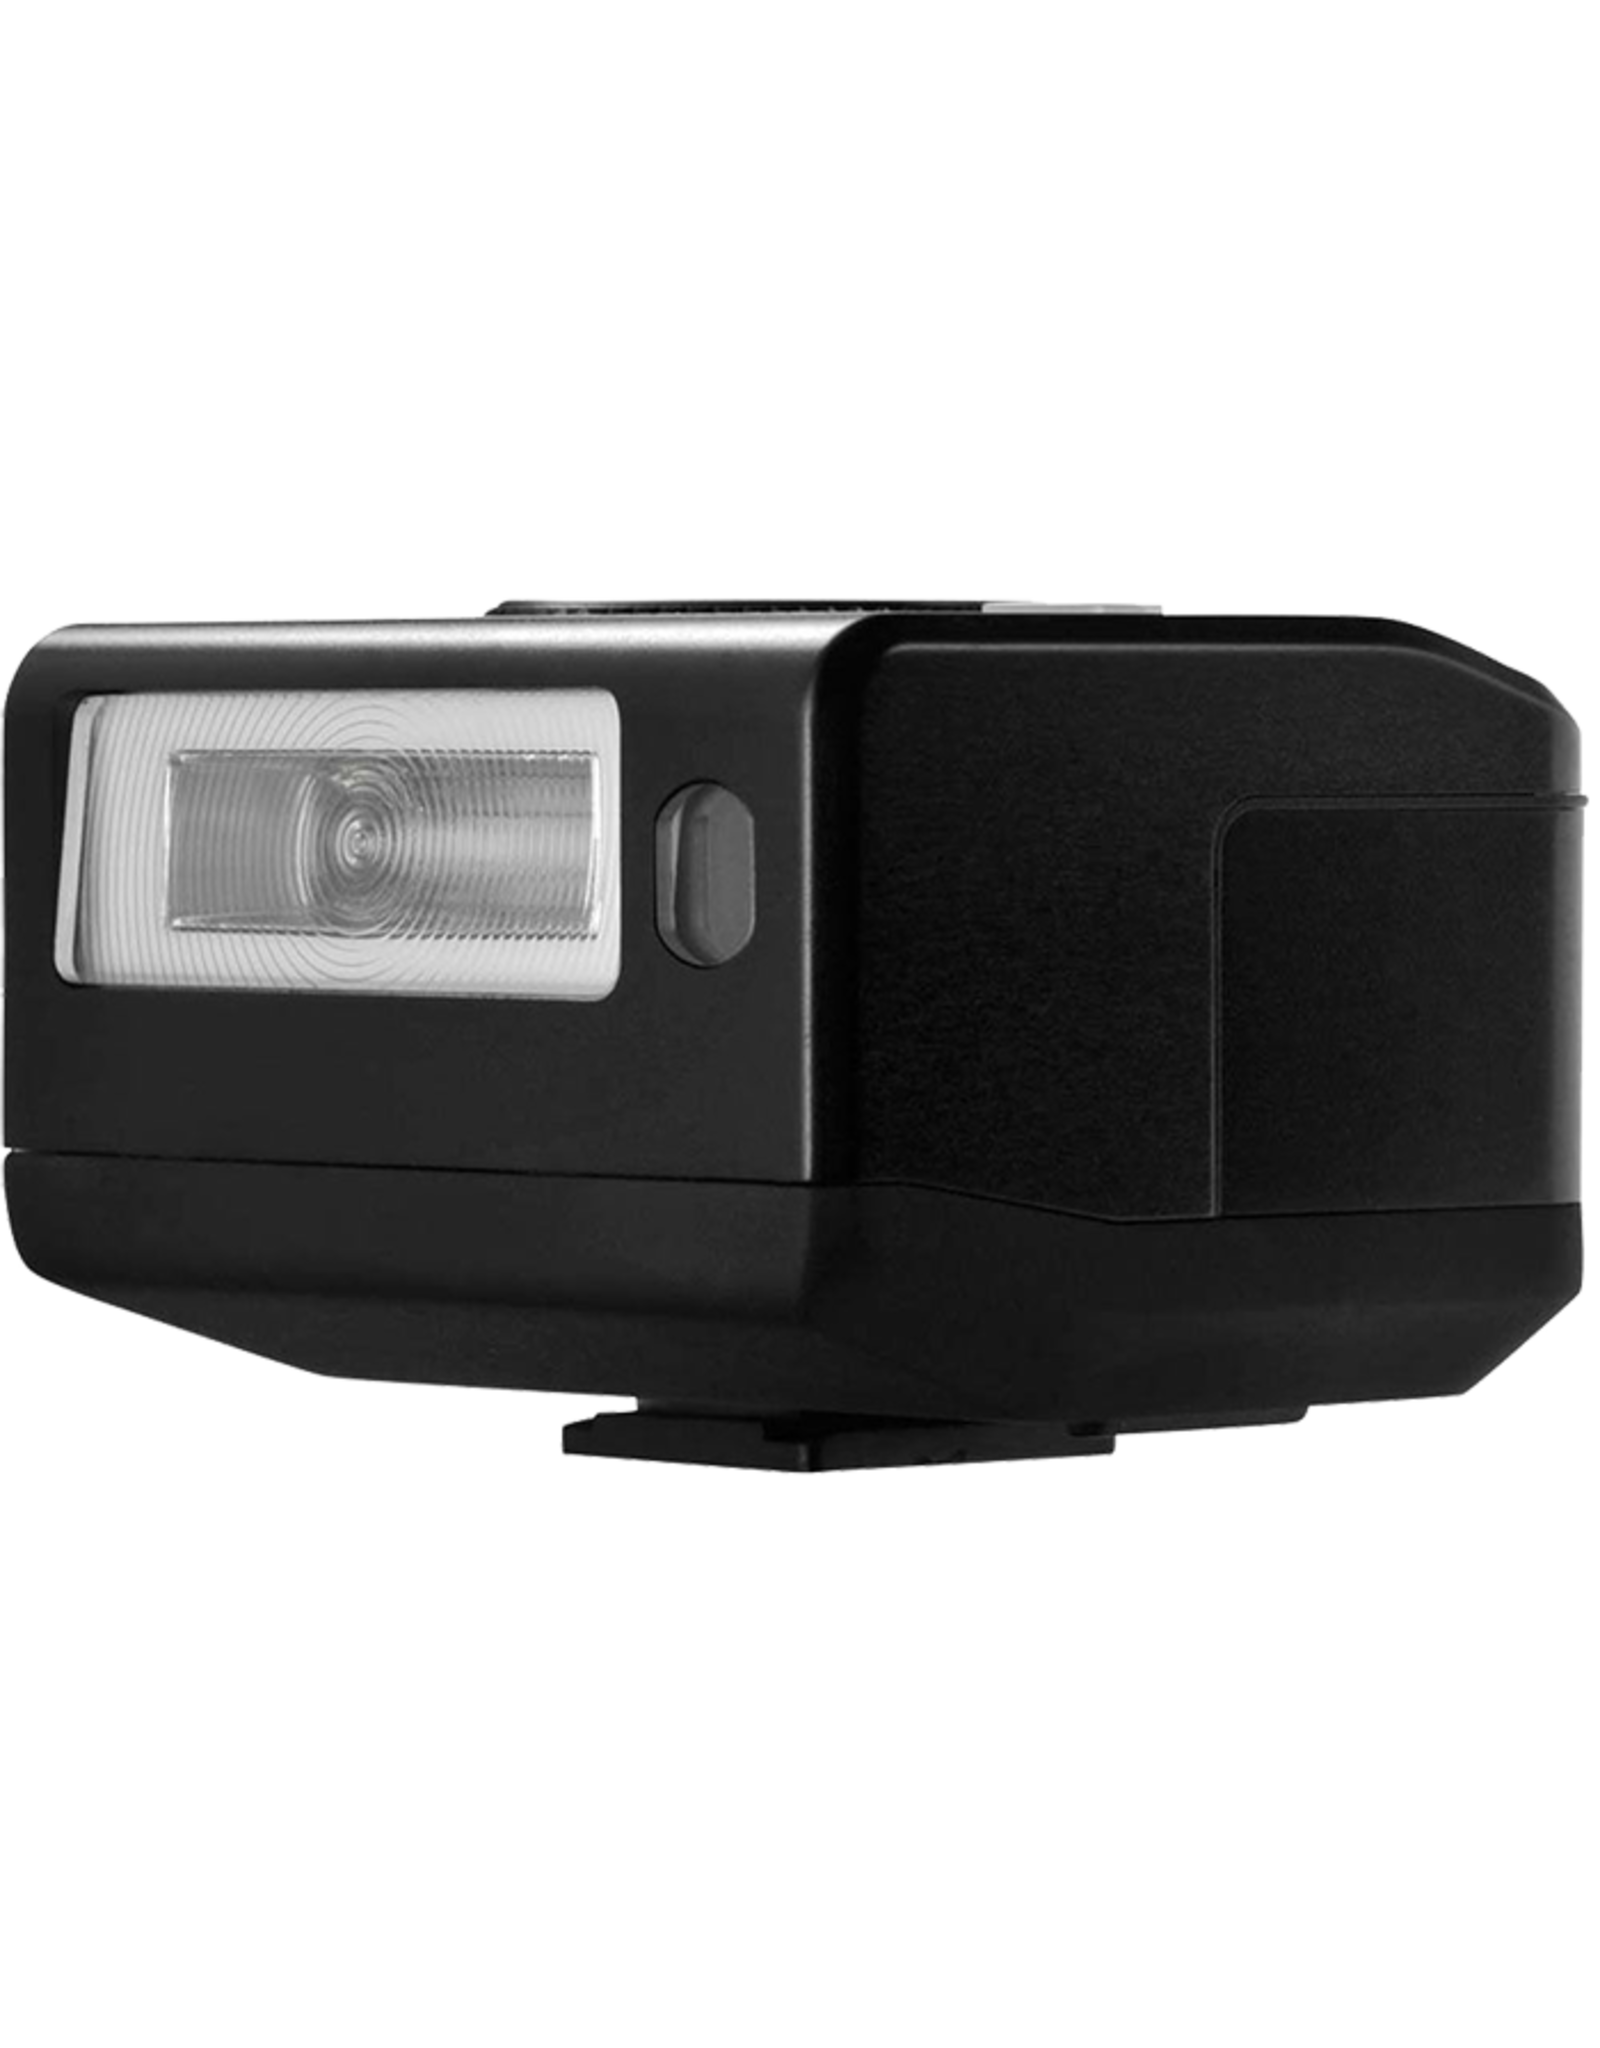 Fujifilm Fujifilm EF-X20 Flash 16241319